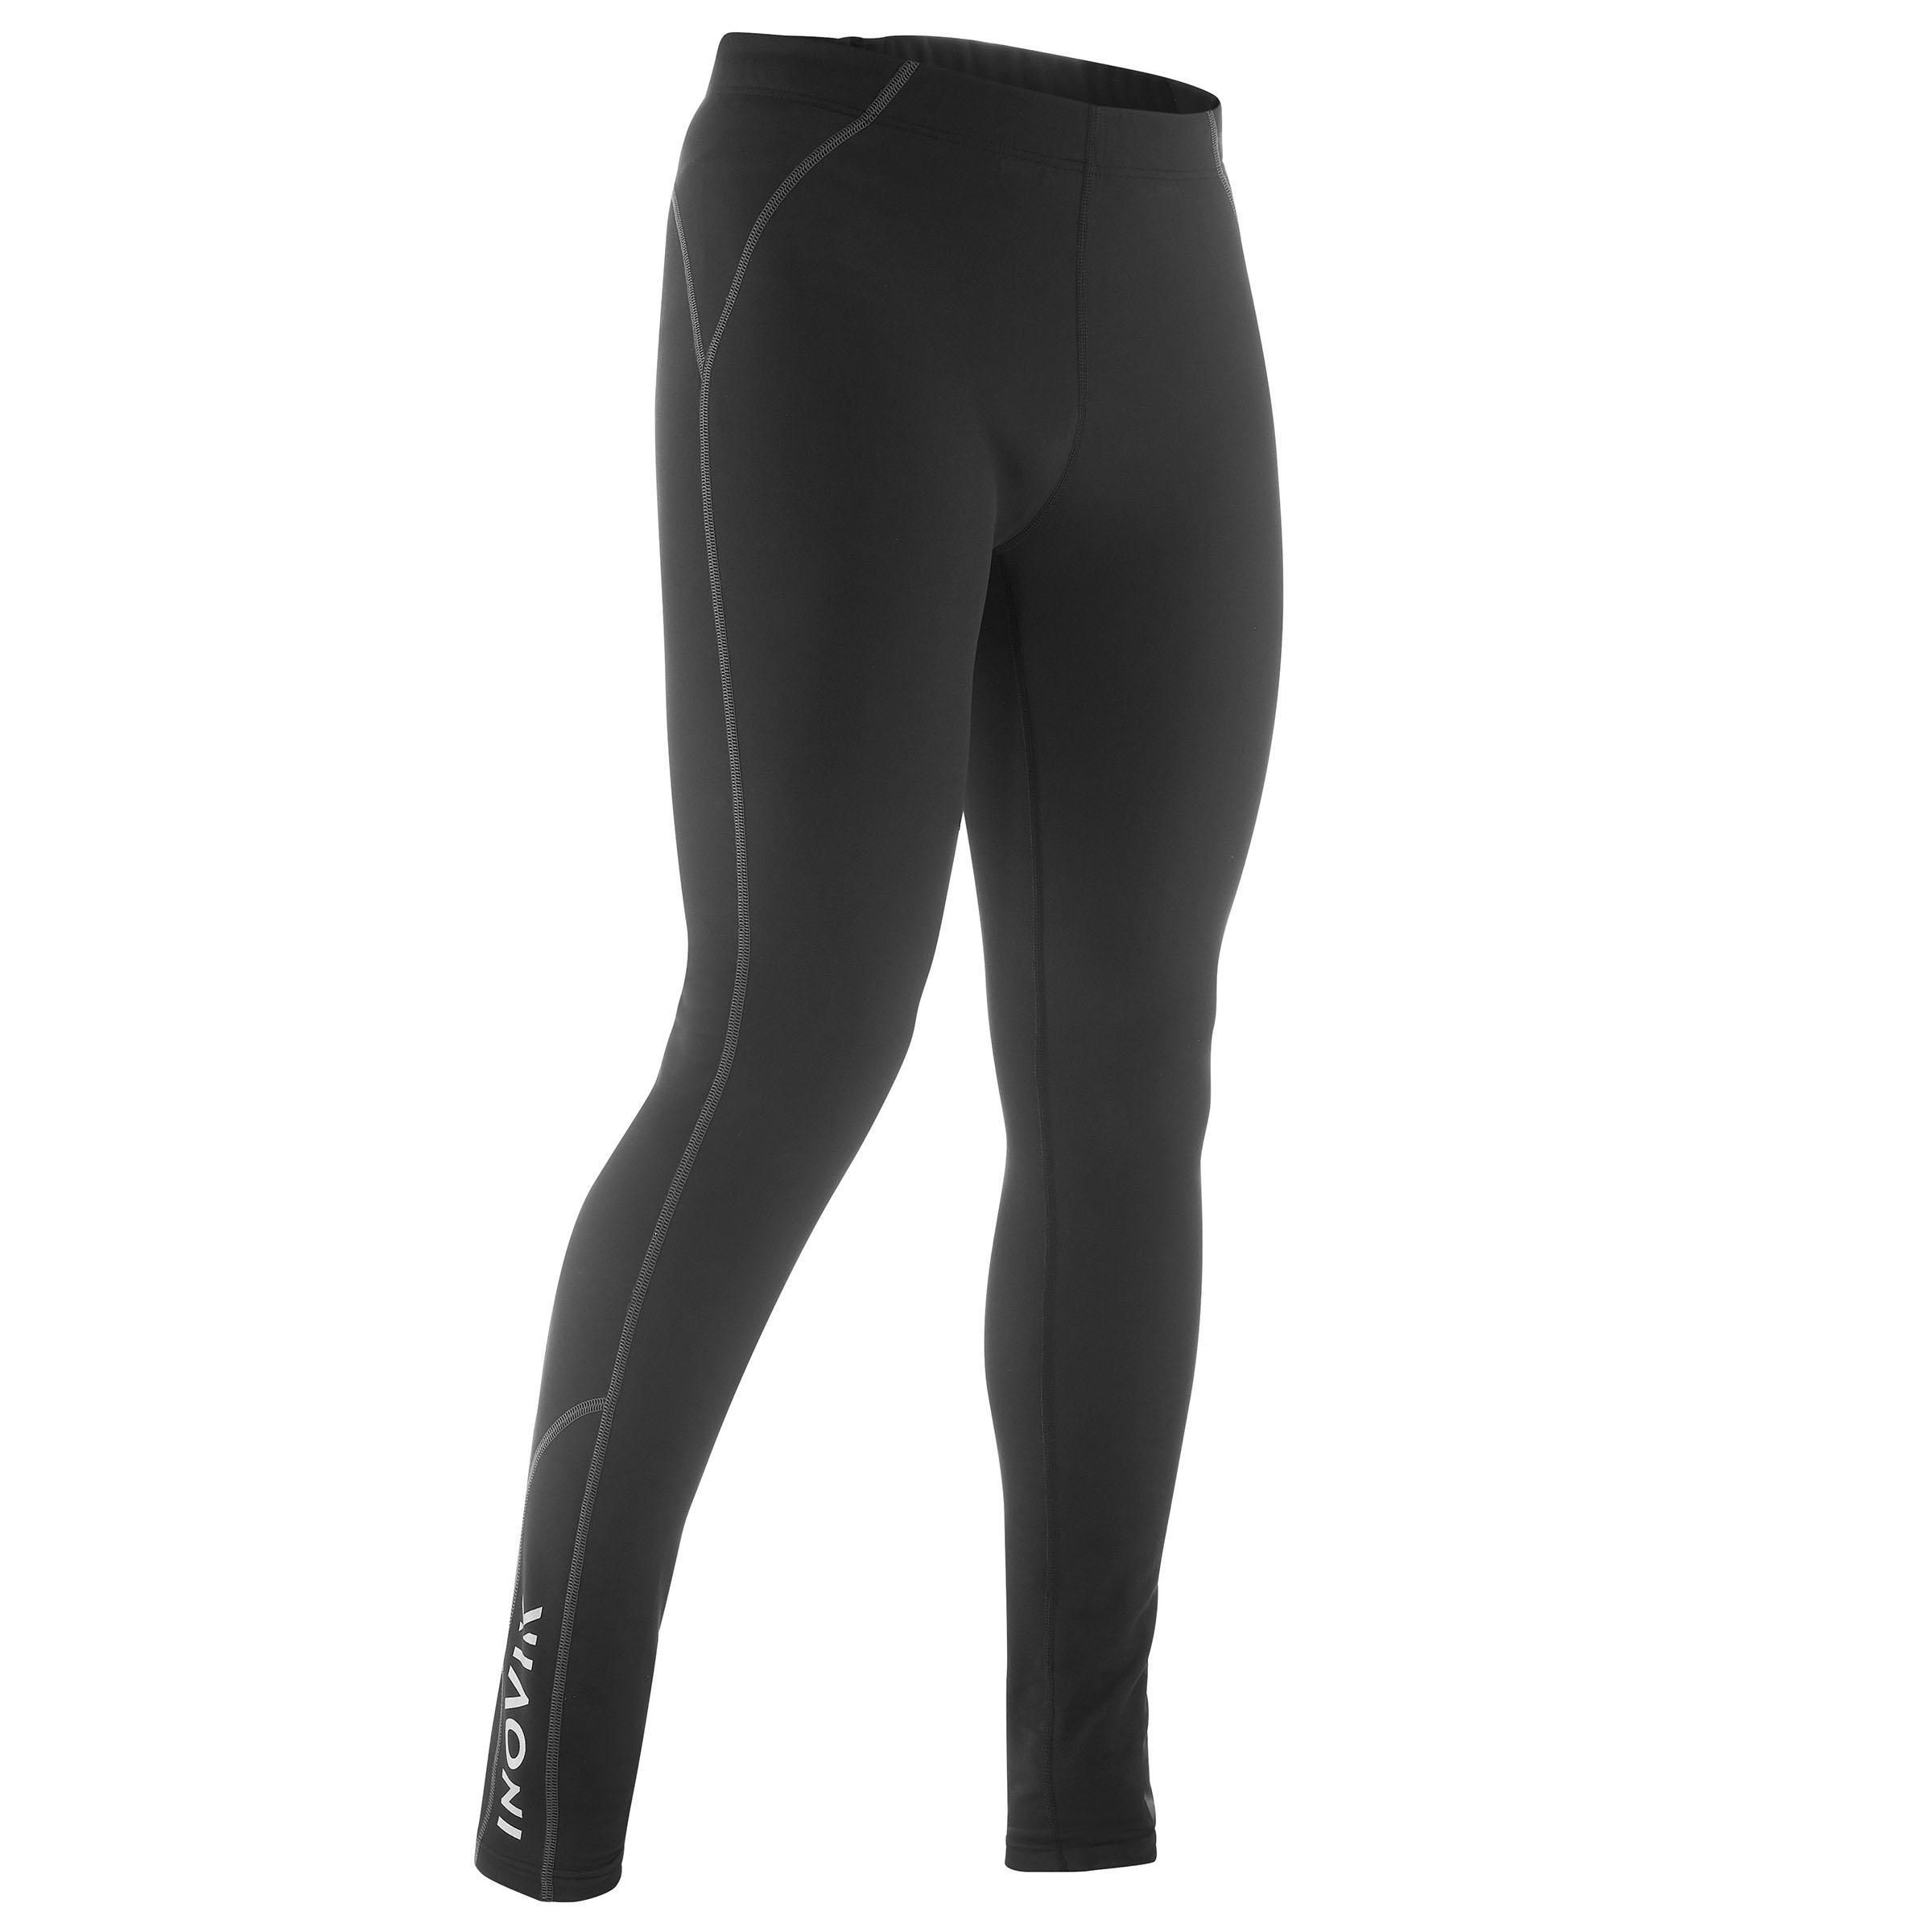 Comprar Mallas Y Pantalones Termicos Hombre Decathlon